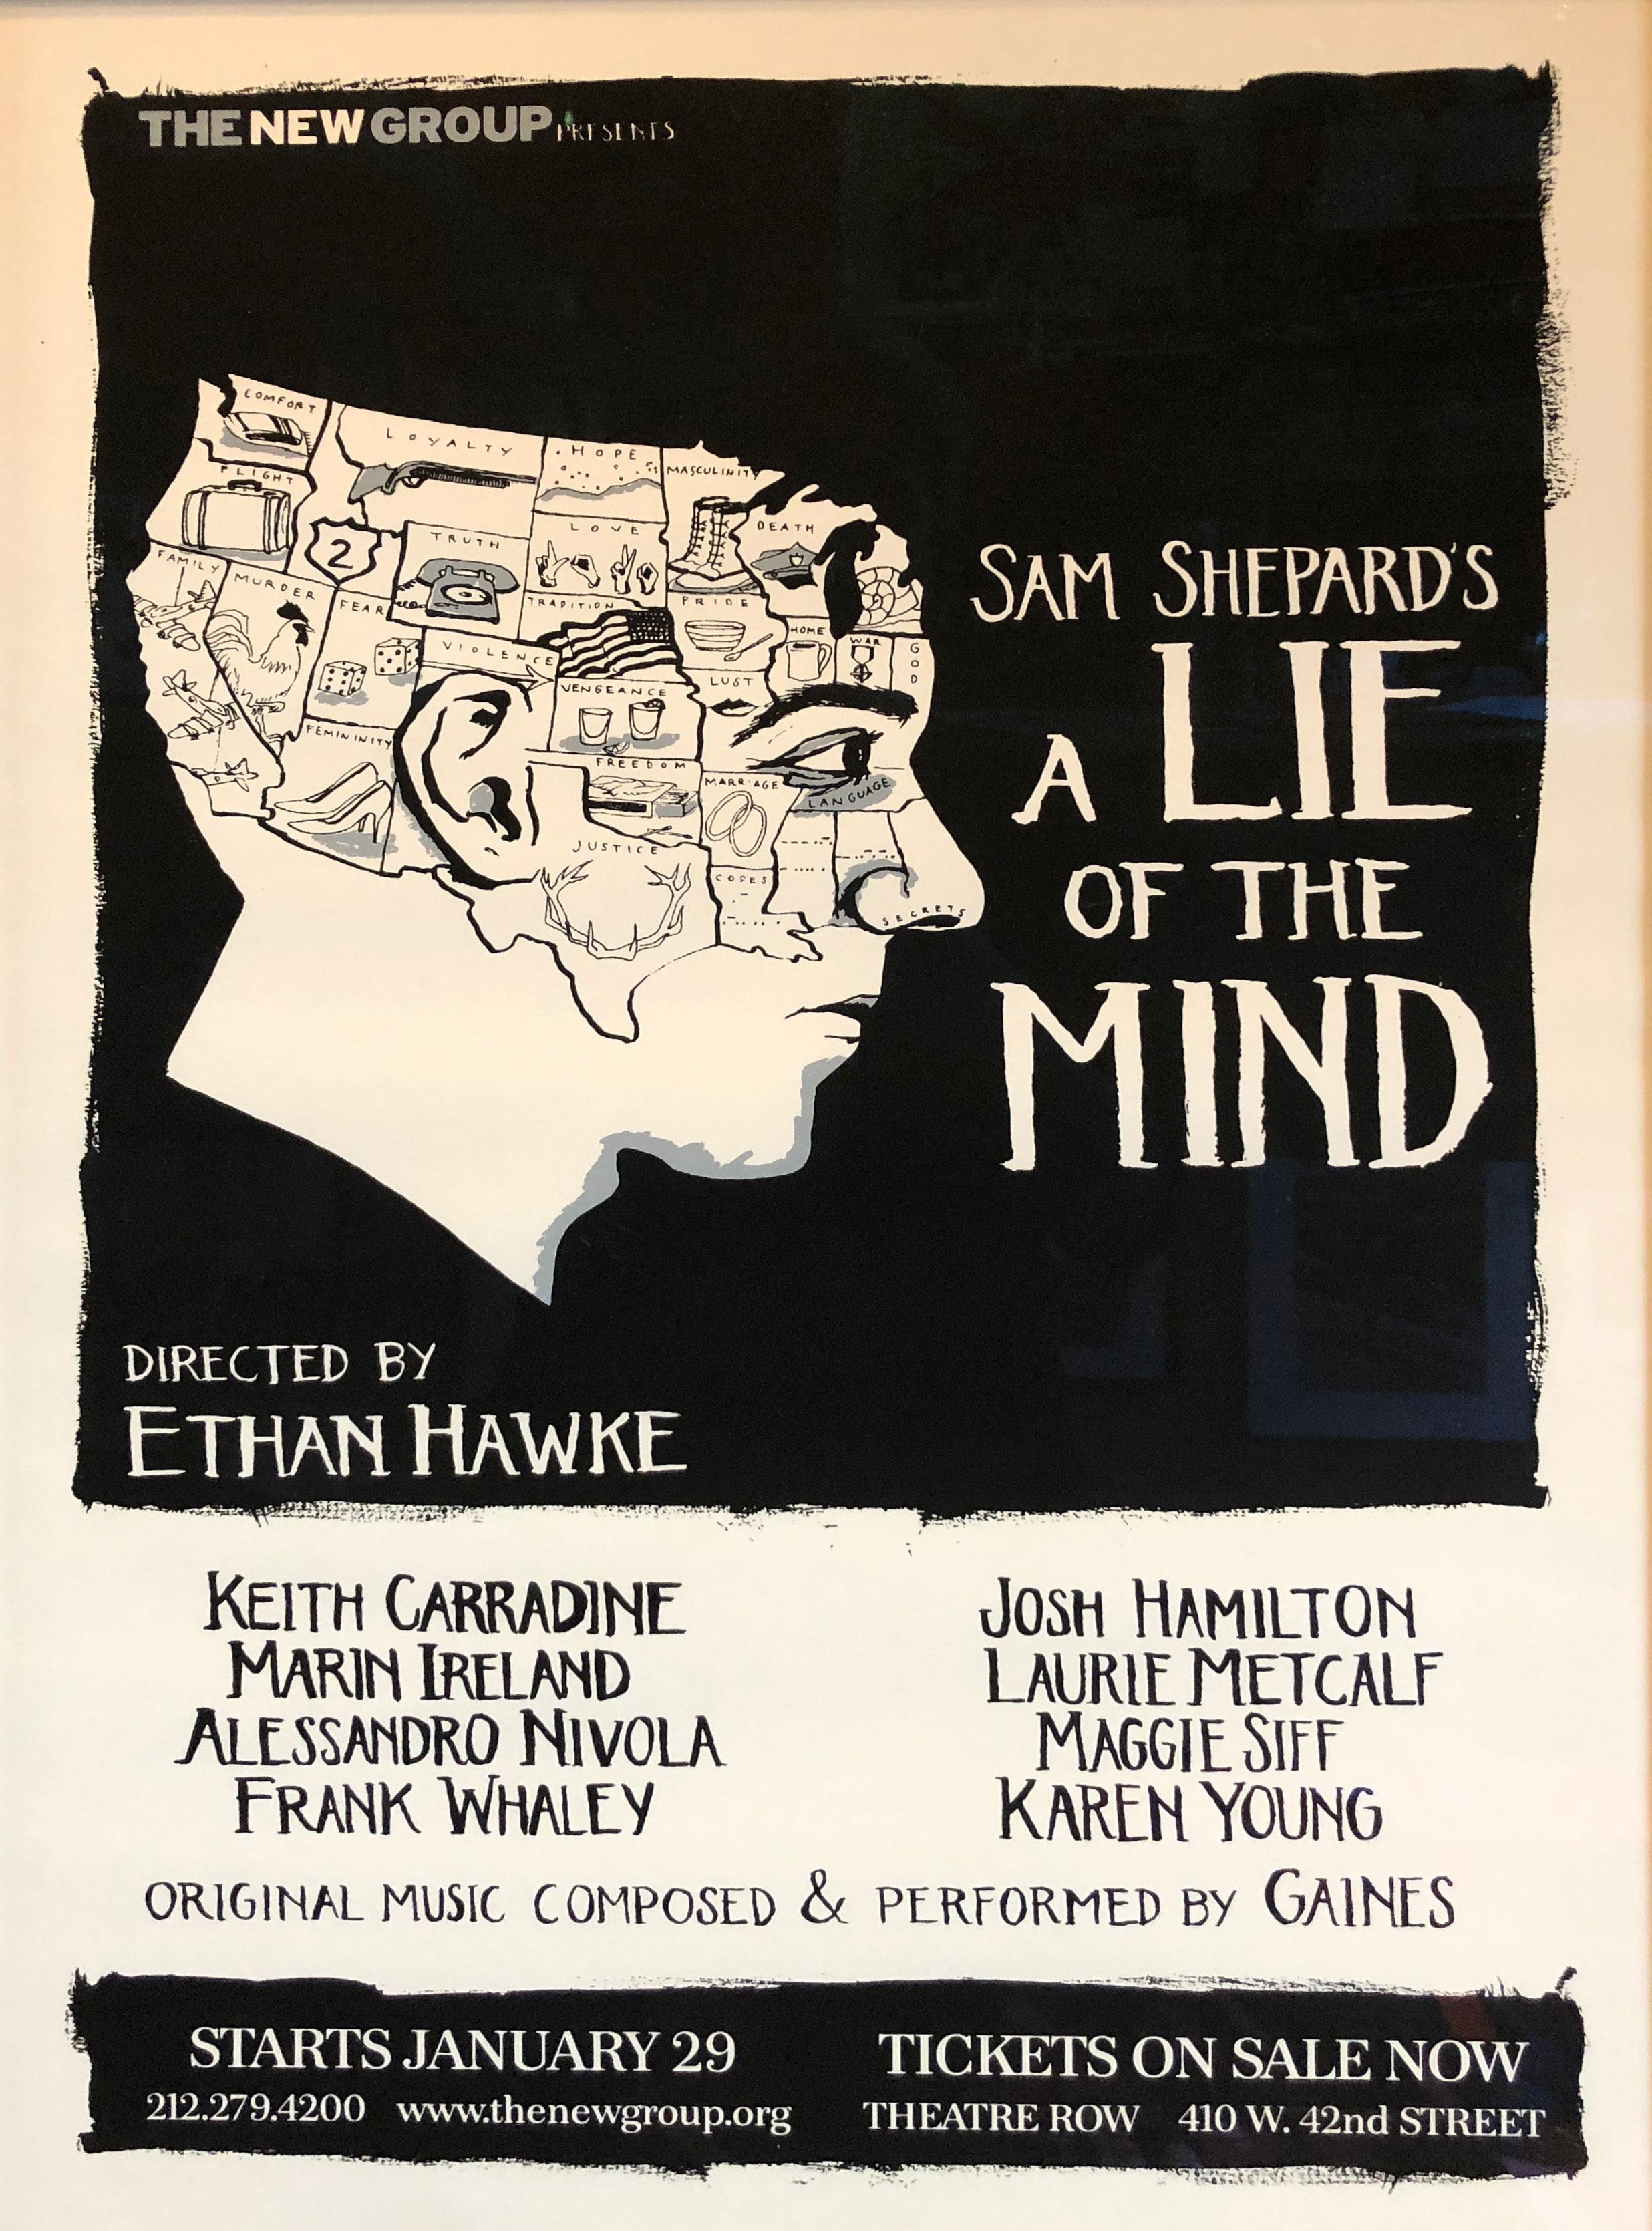 2010 A-Lie-Of-The-Mind.jpg